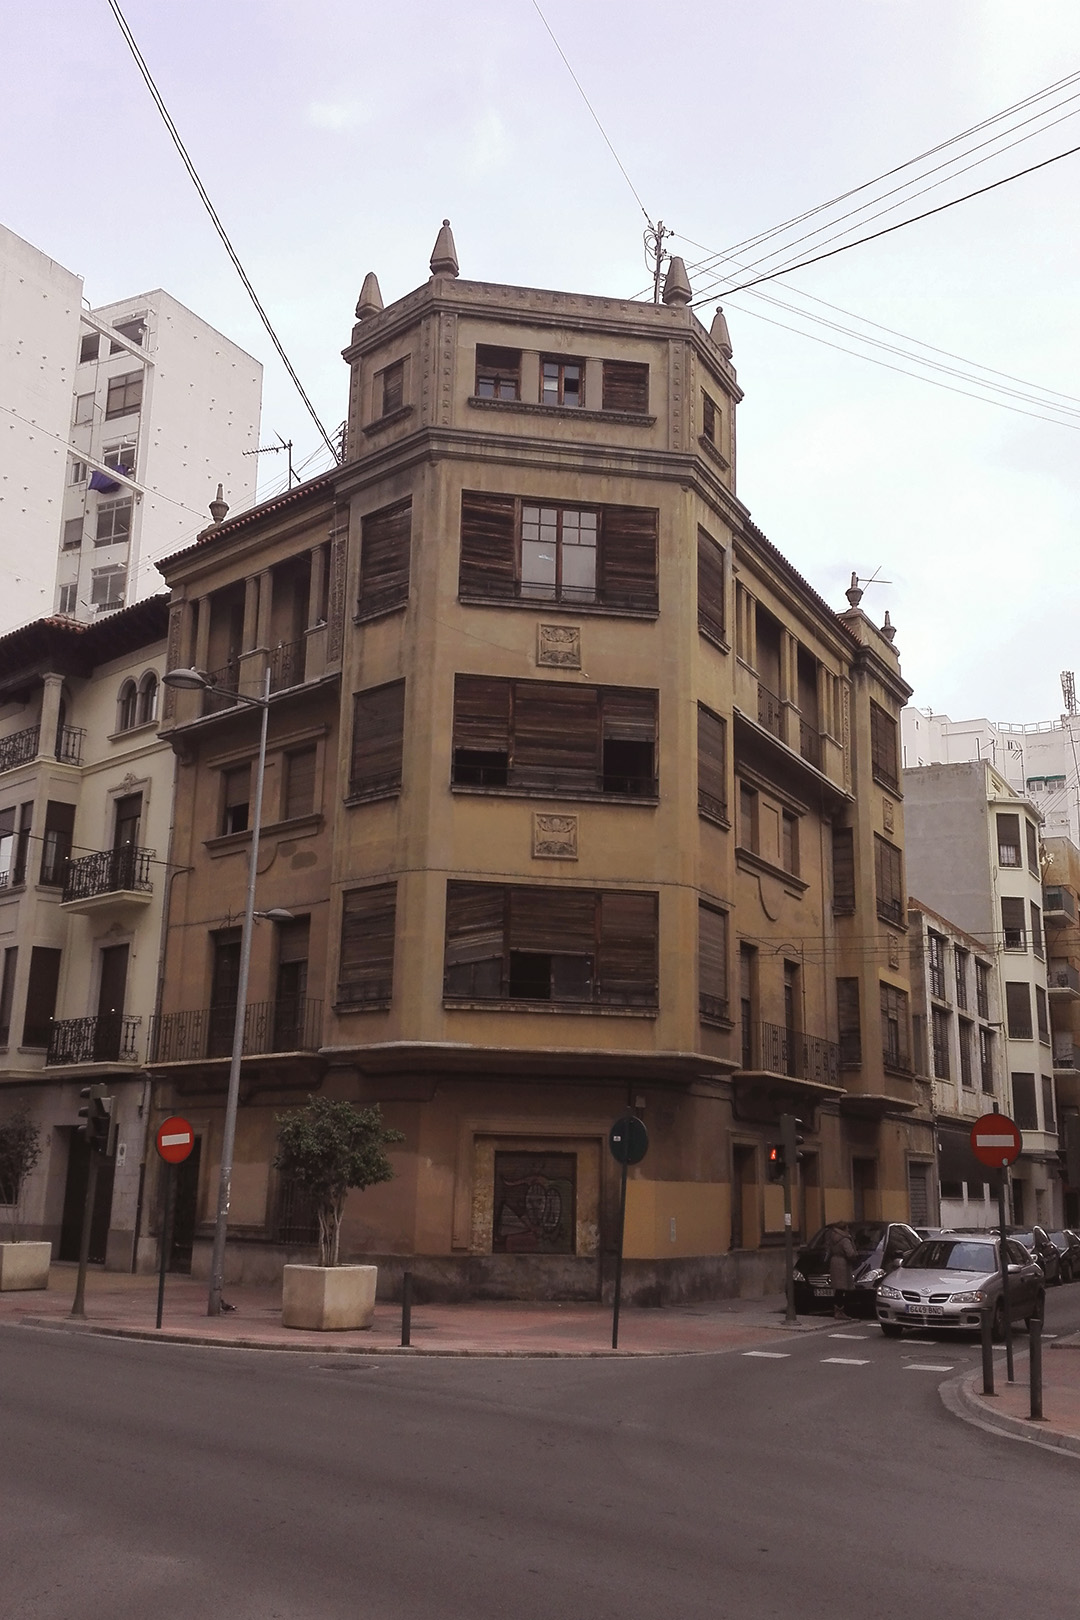 IEE – Ordenanza de Castellon relativa al Informe Evaluación del Edificio